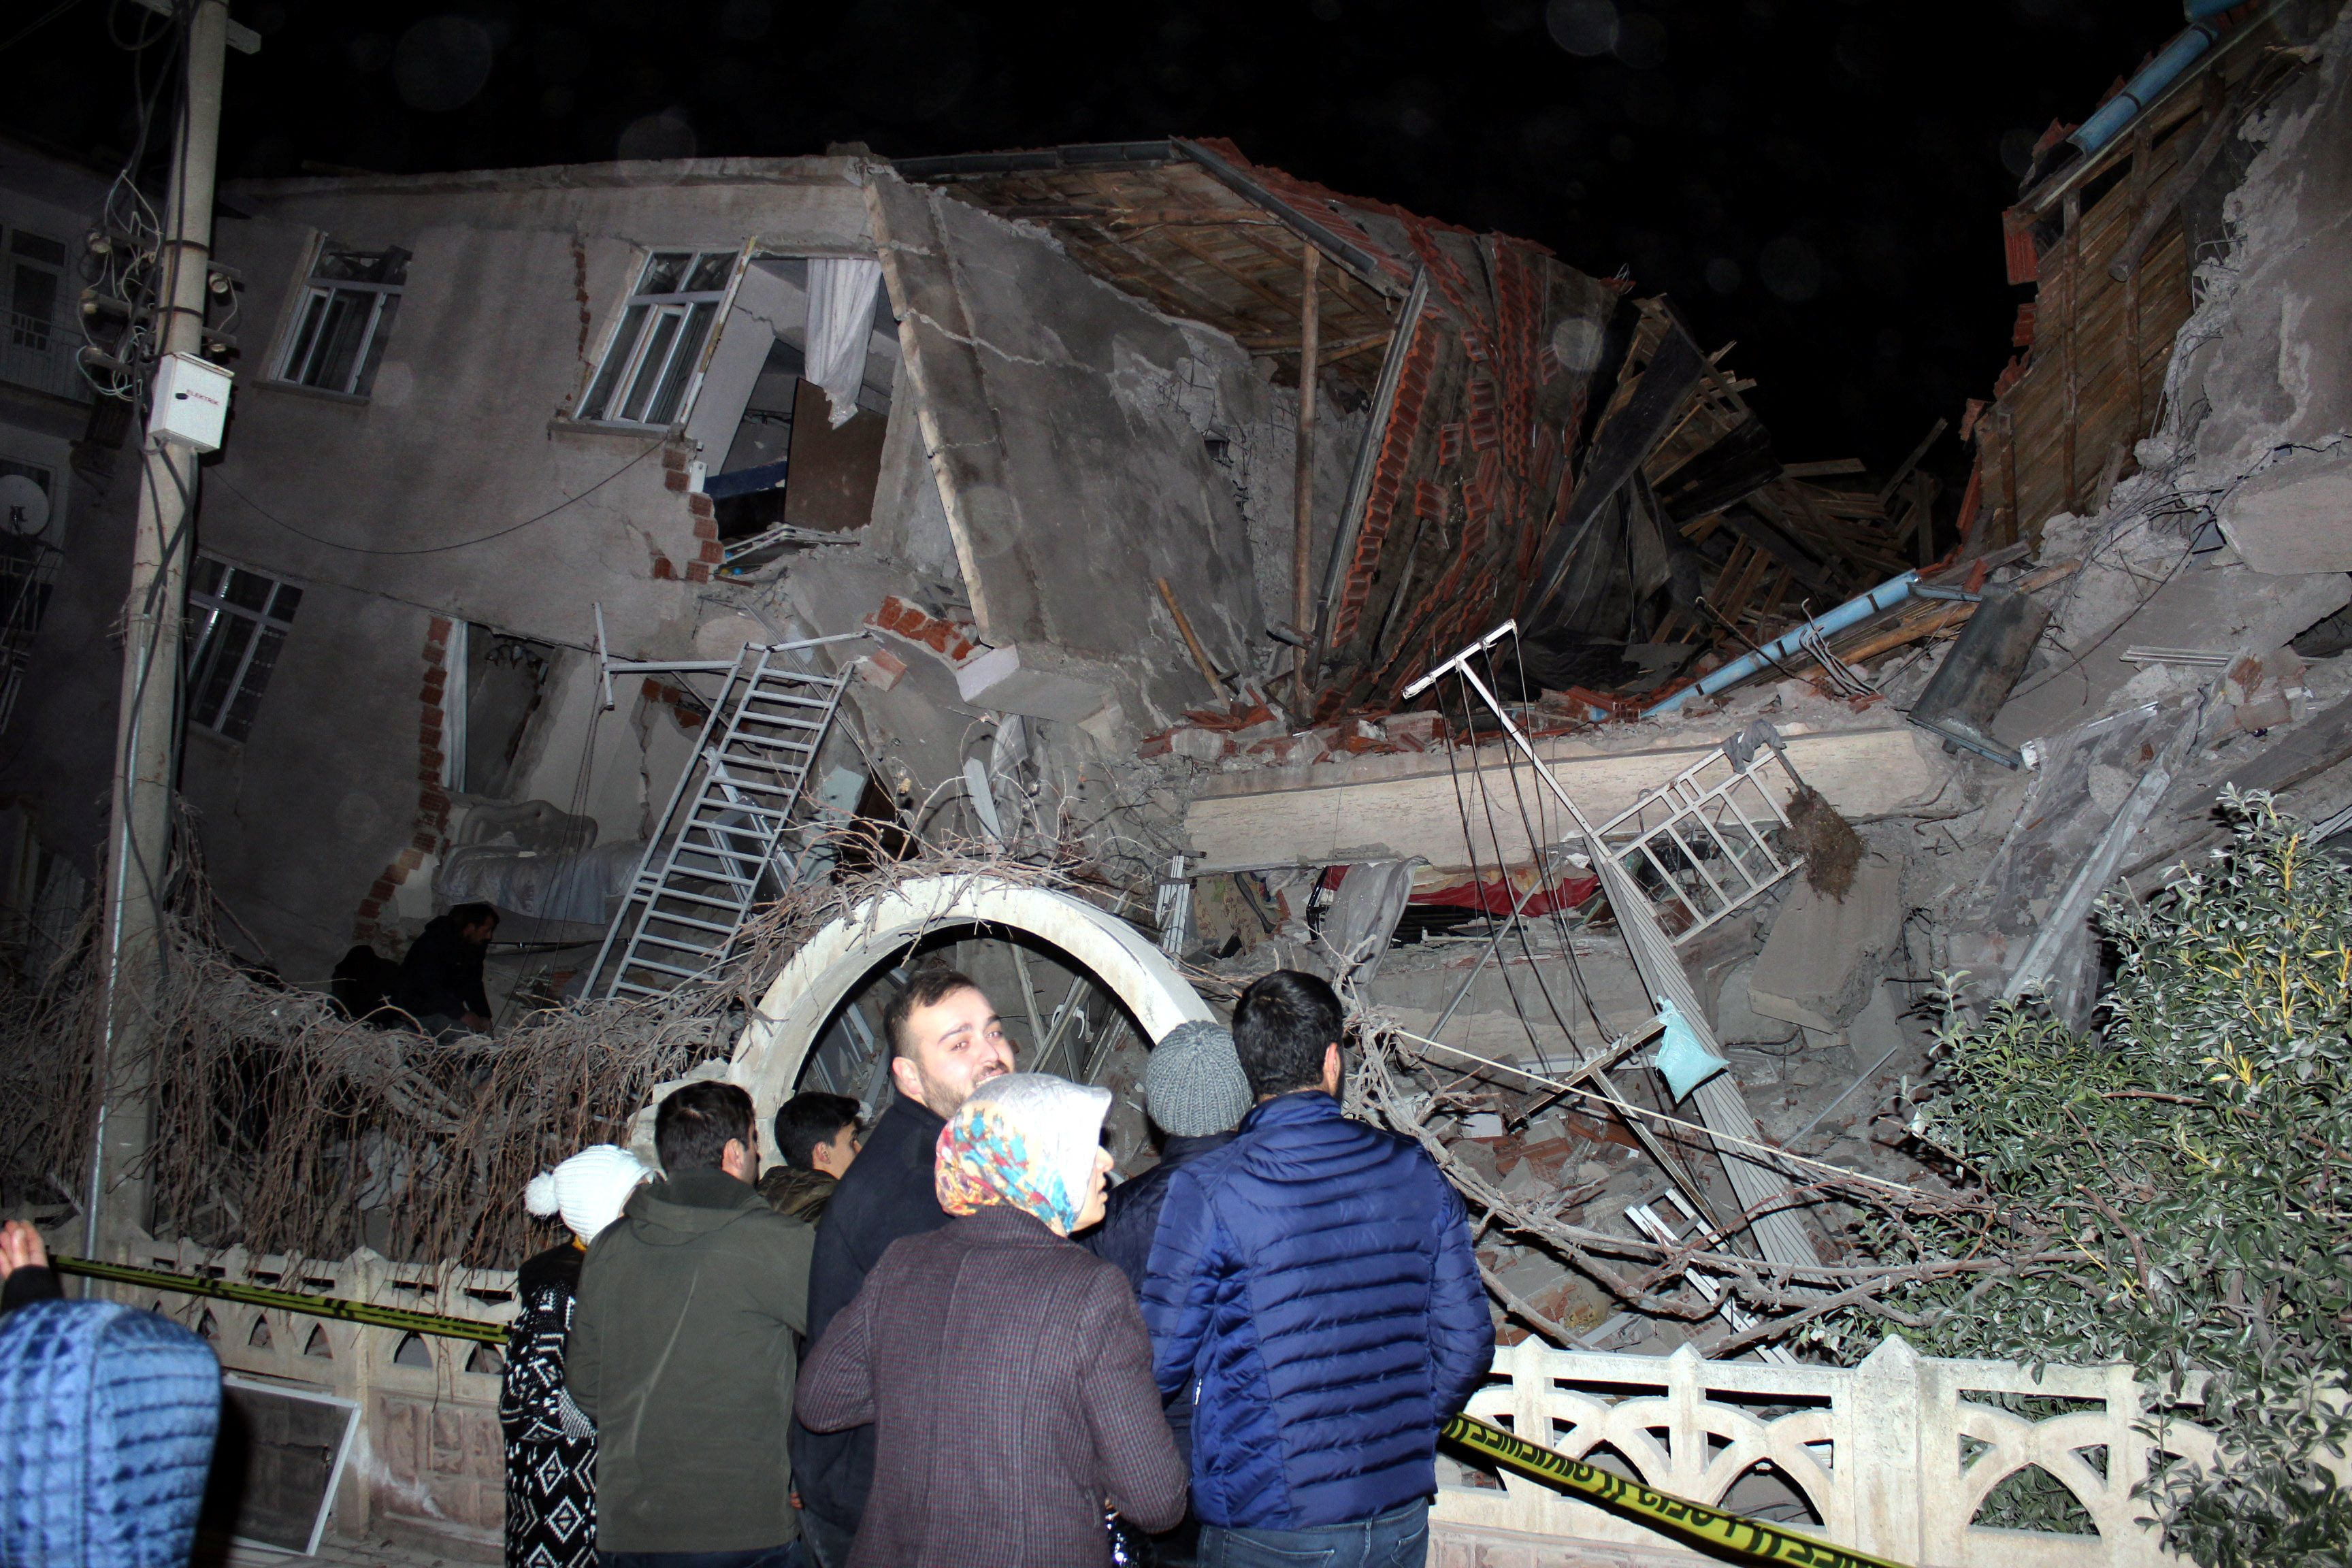 Σεισμός στην Τουρκία: Ο Άκης Τσελέντης για τη σχέση του ρήγματος με την Ελλάδα